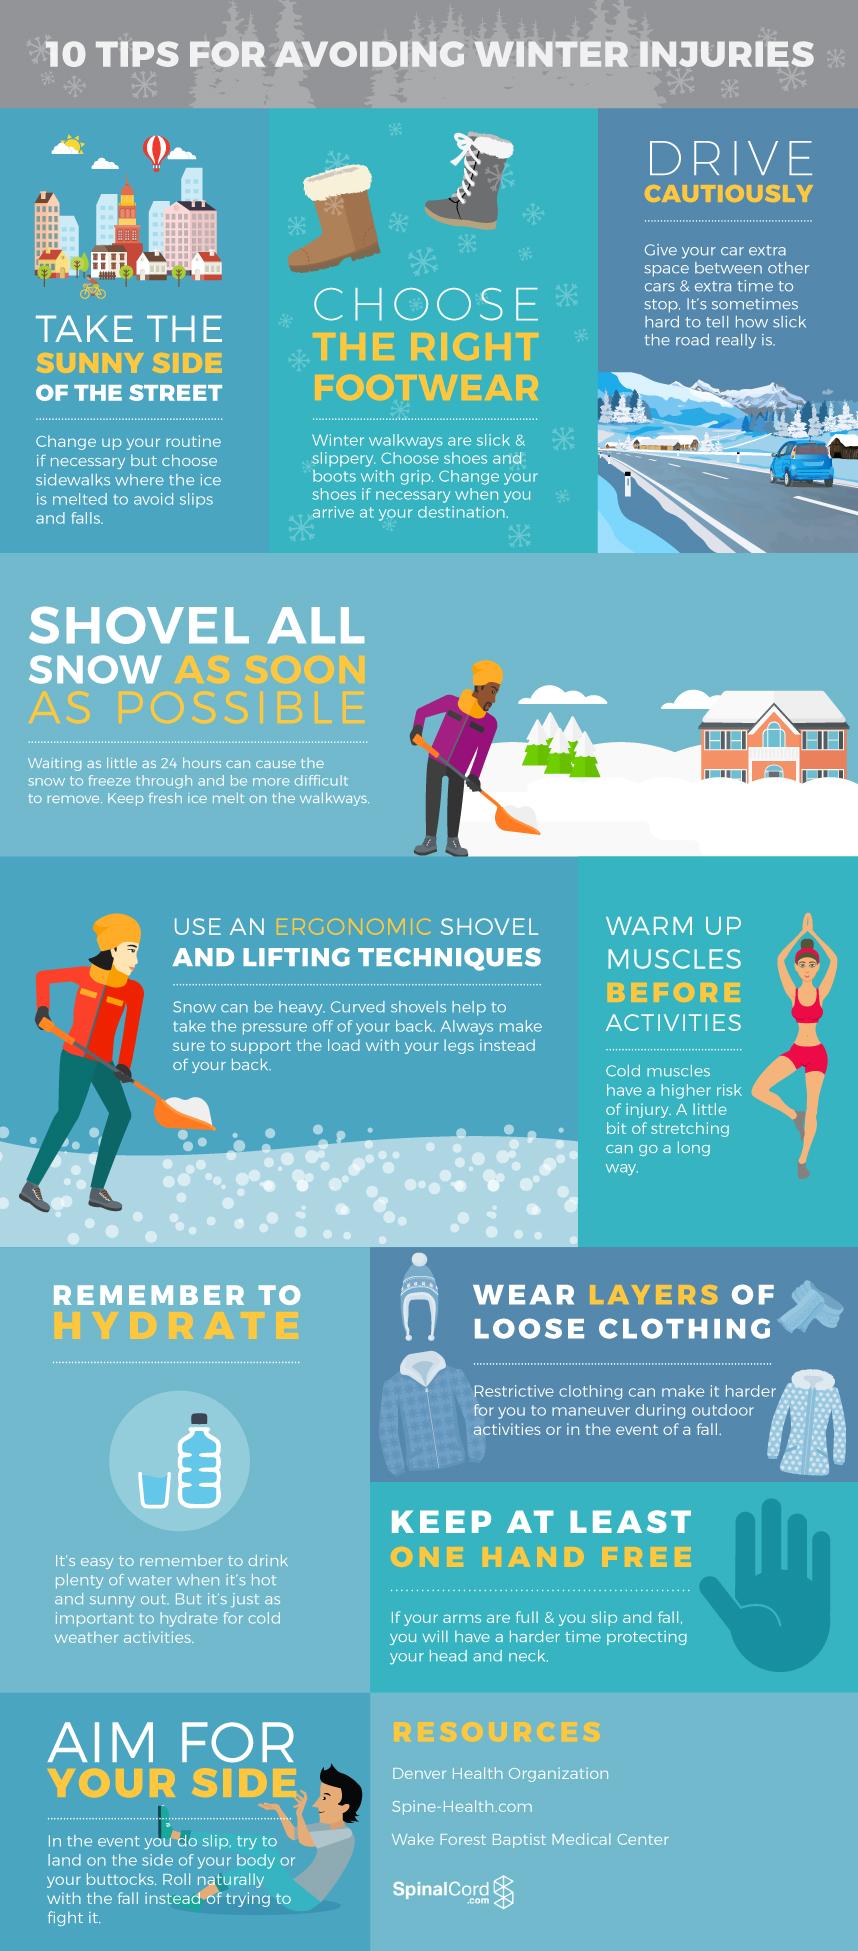 10 Tips for Avoiding Winter Injury